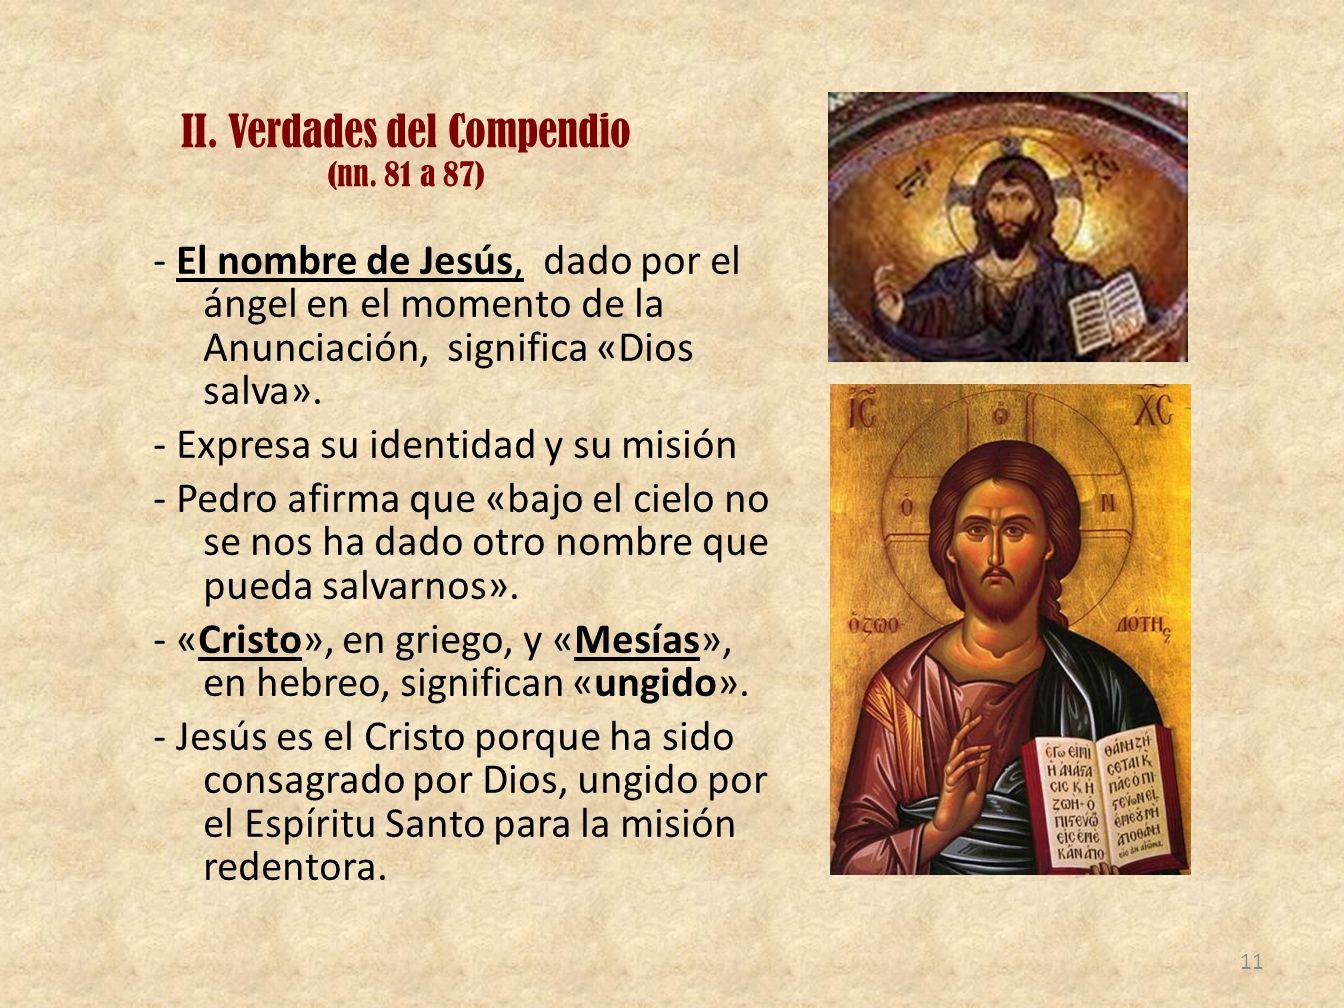 II. Verdades del Compendio (nn. 81 a 87) - El nombre de Jesús, dado por el ángel en el momento de la Anunciación, significa «Dios salva». - Expresa su